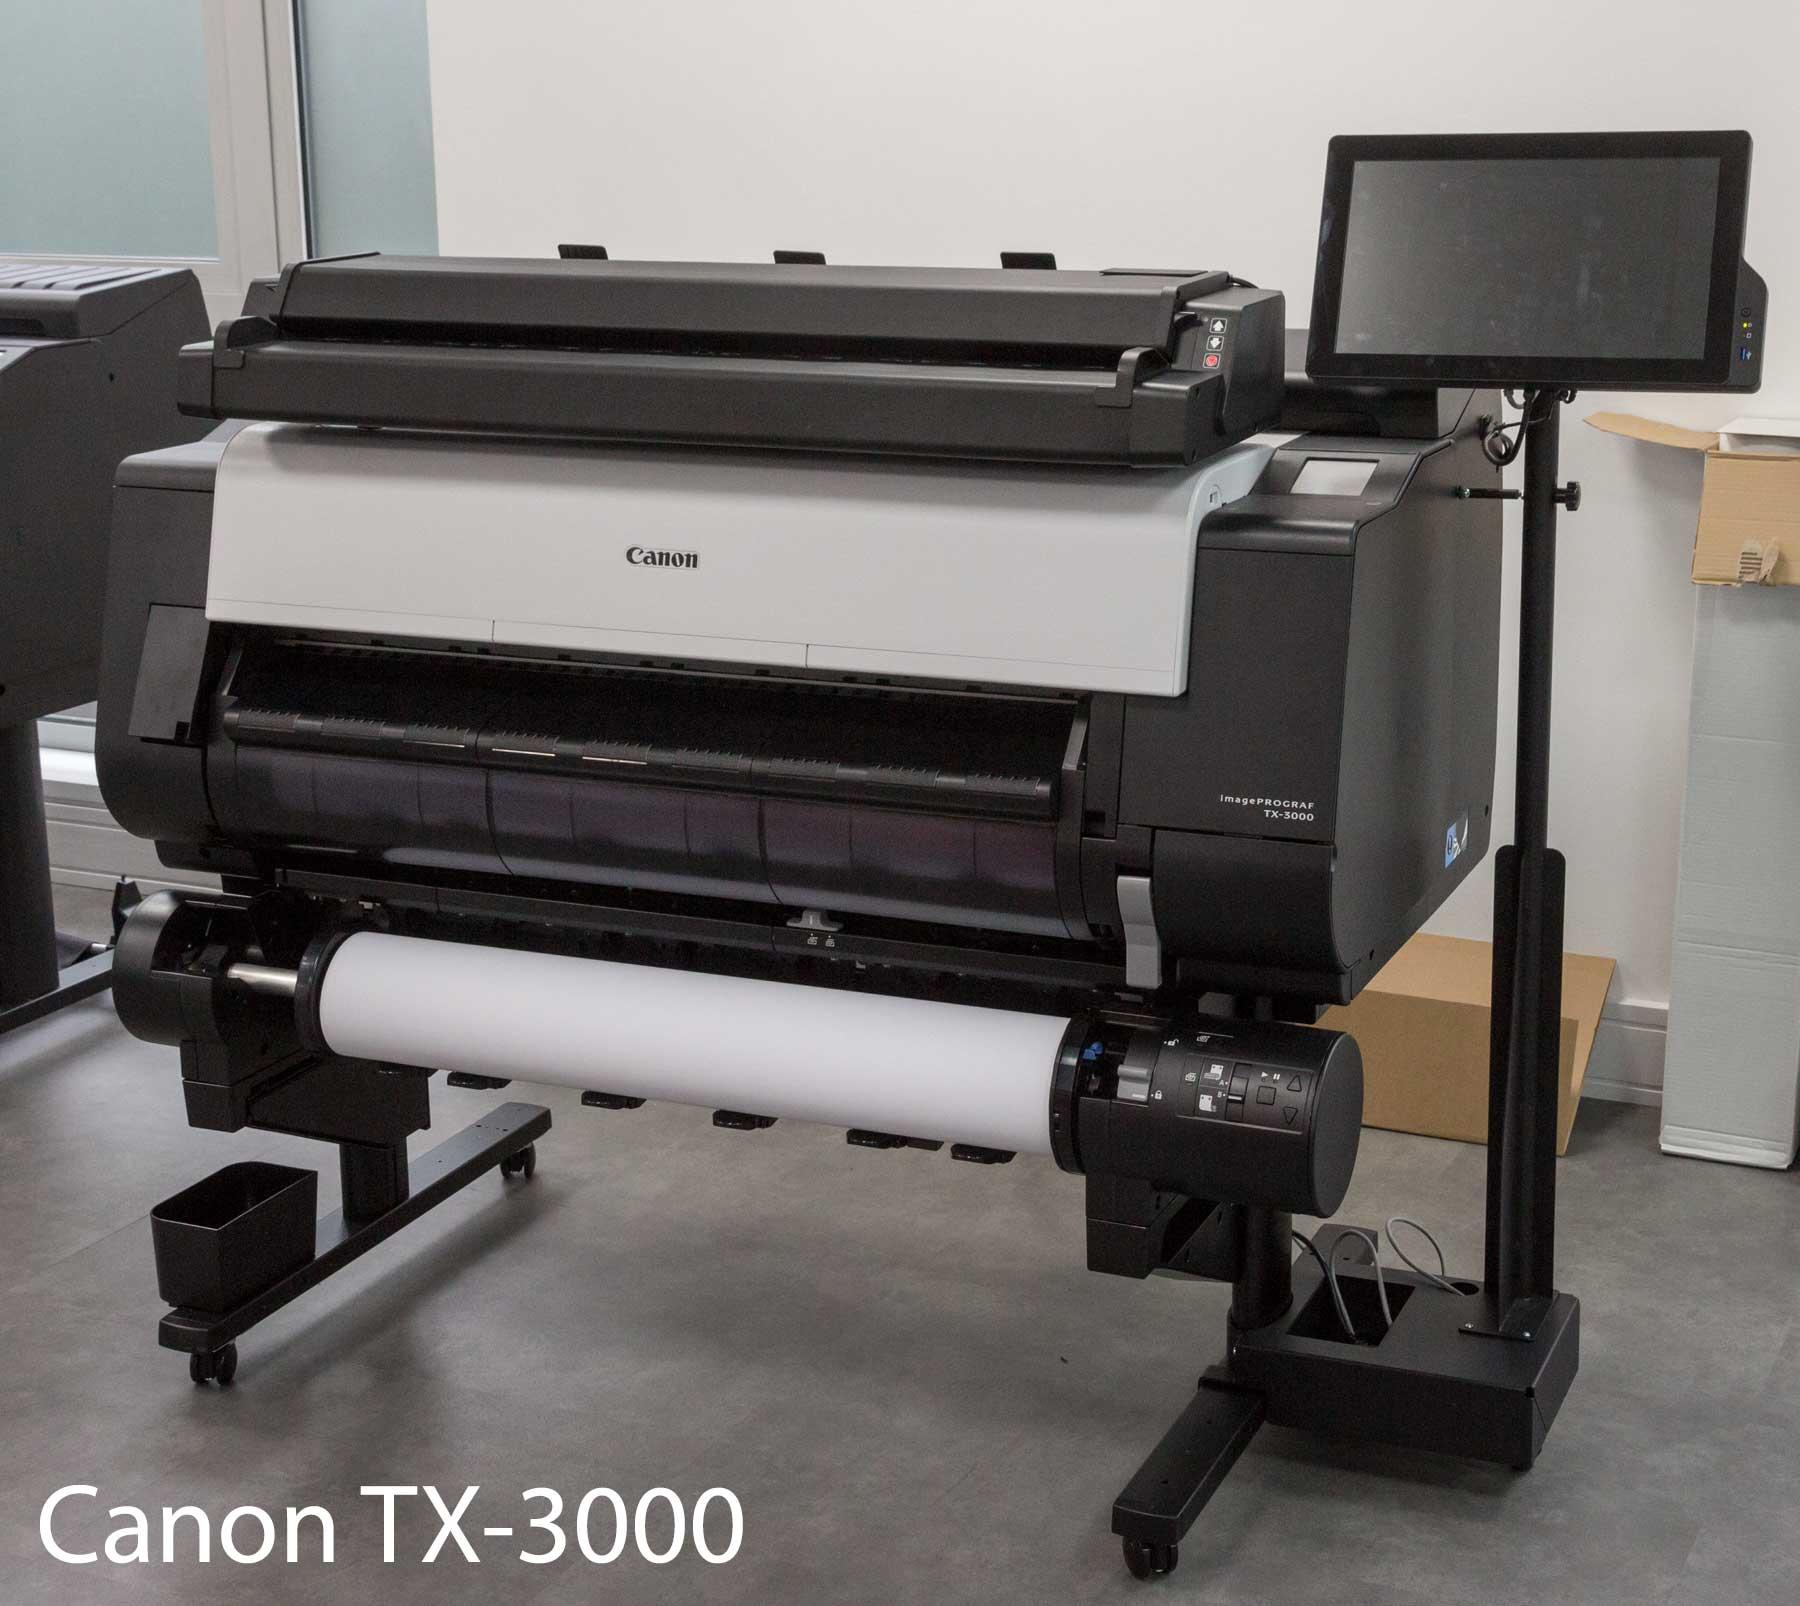 Canon TX-3000